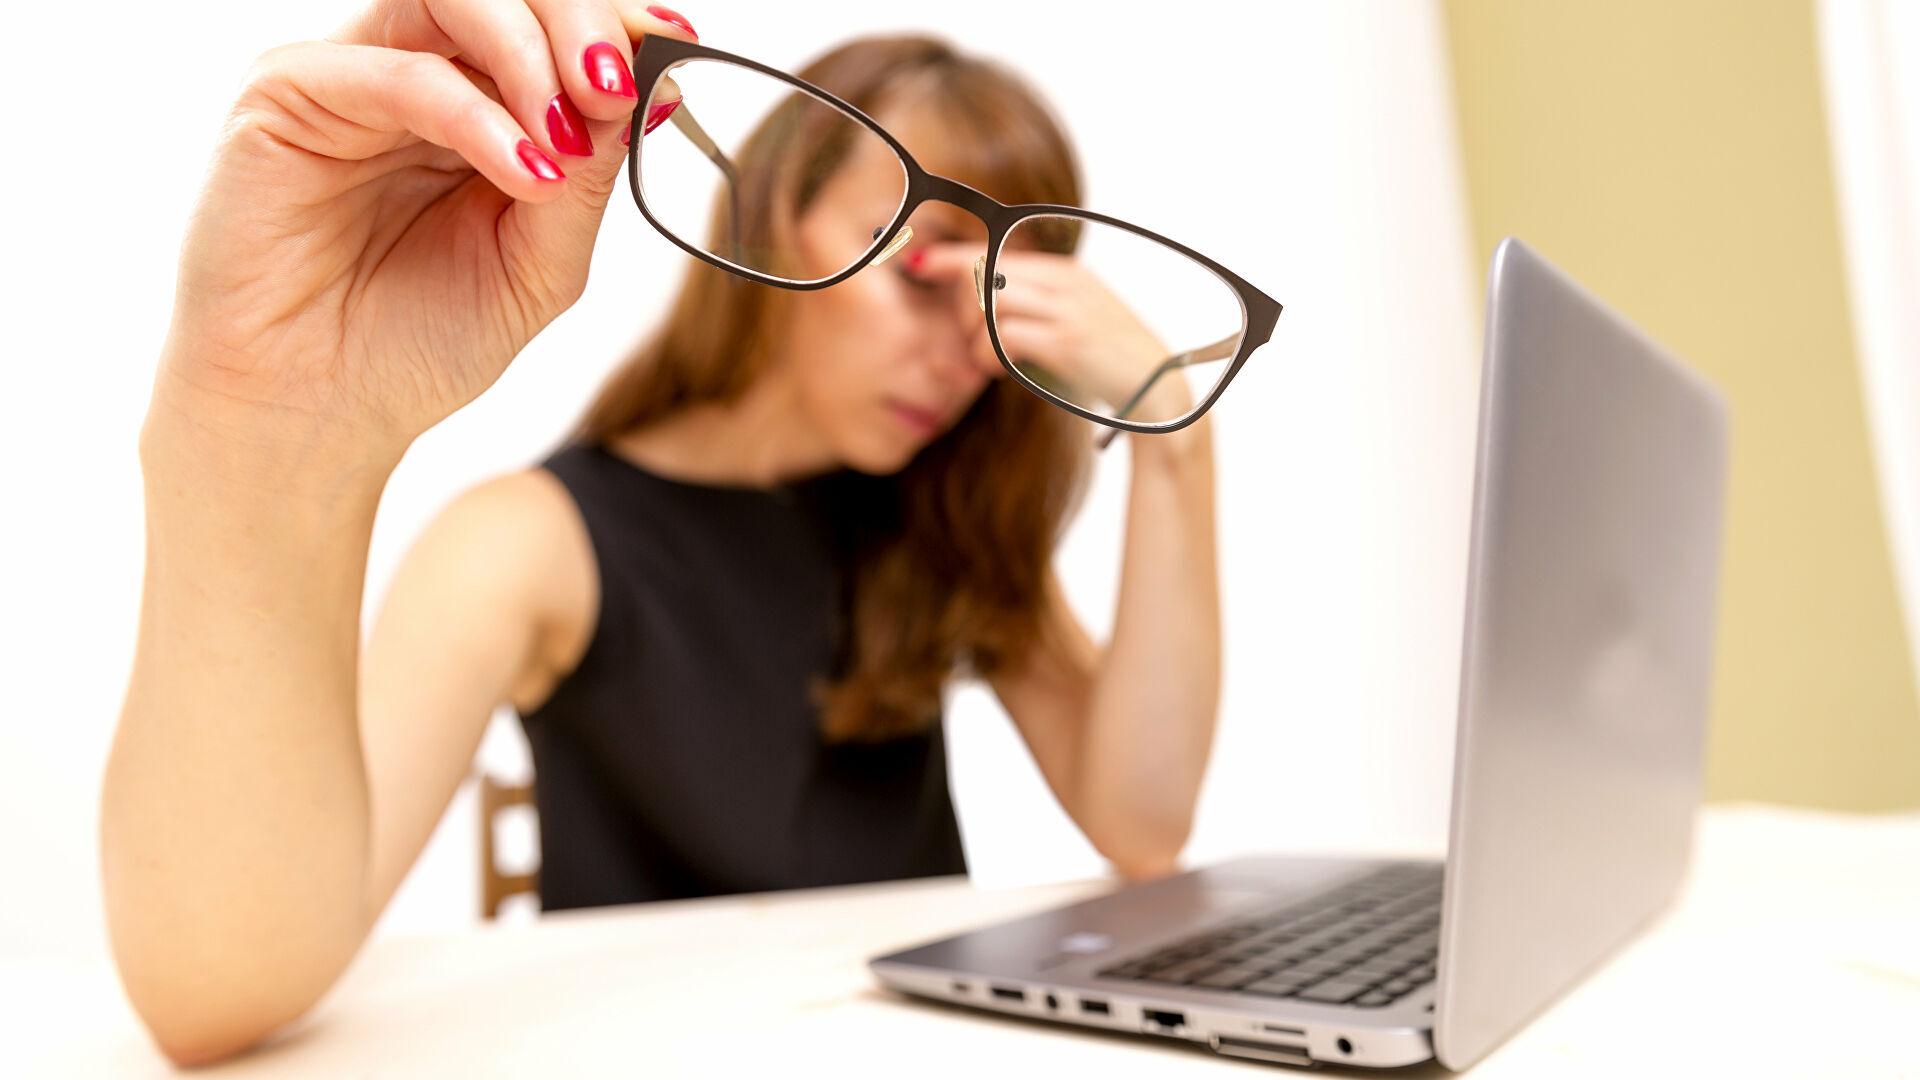 Российский эксперт назвал способ сохранить зрение при длительной работе за компьютером